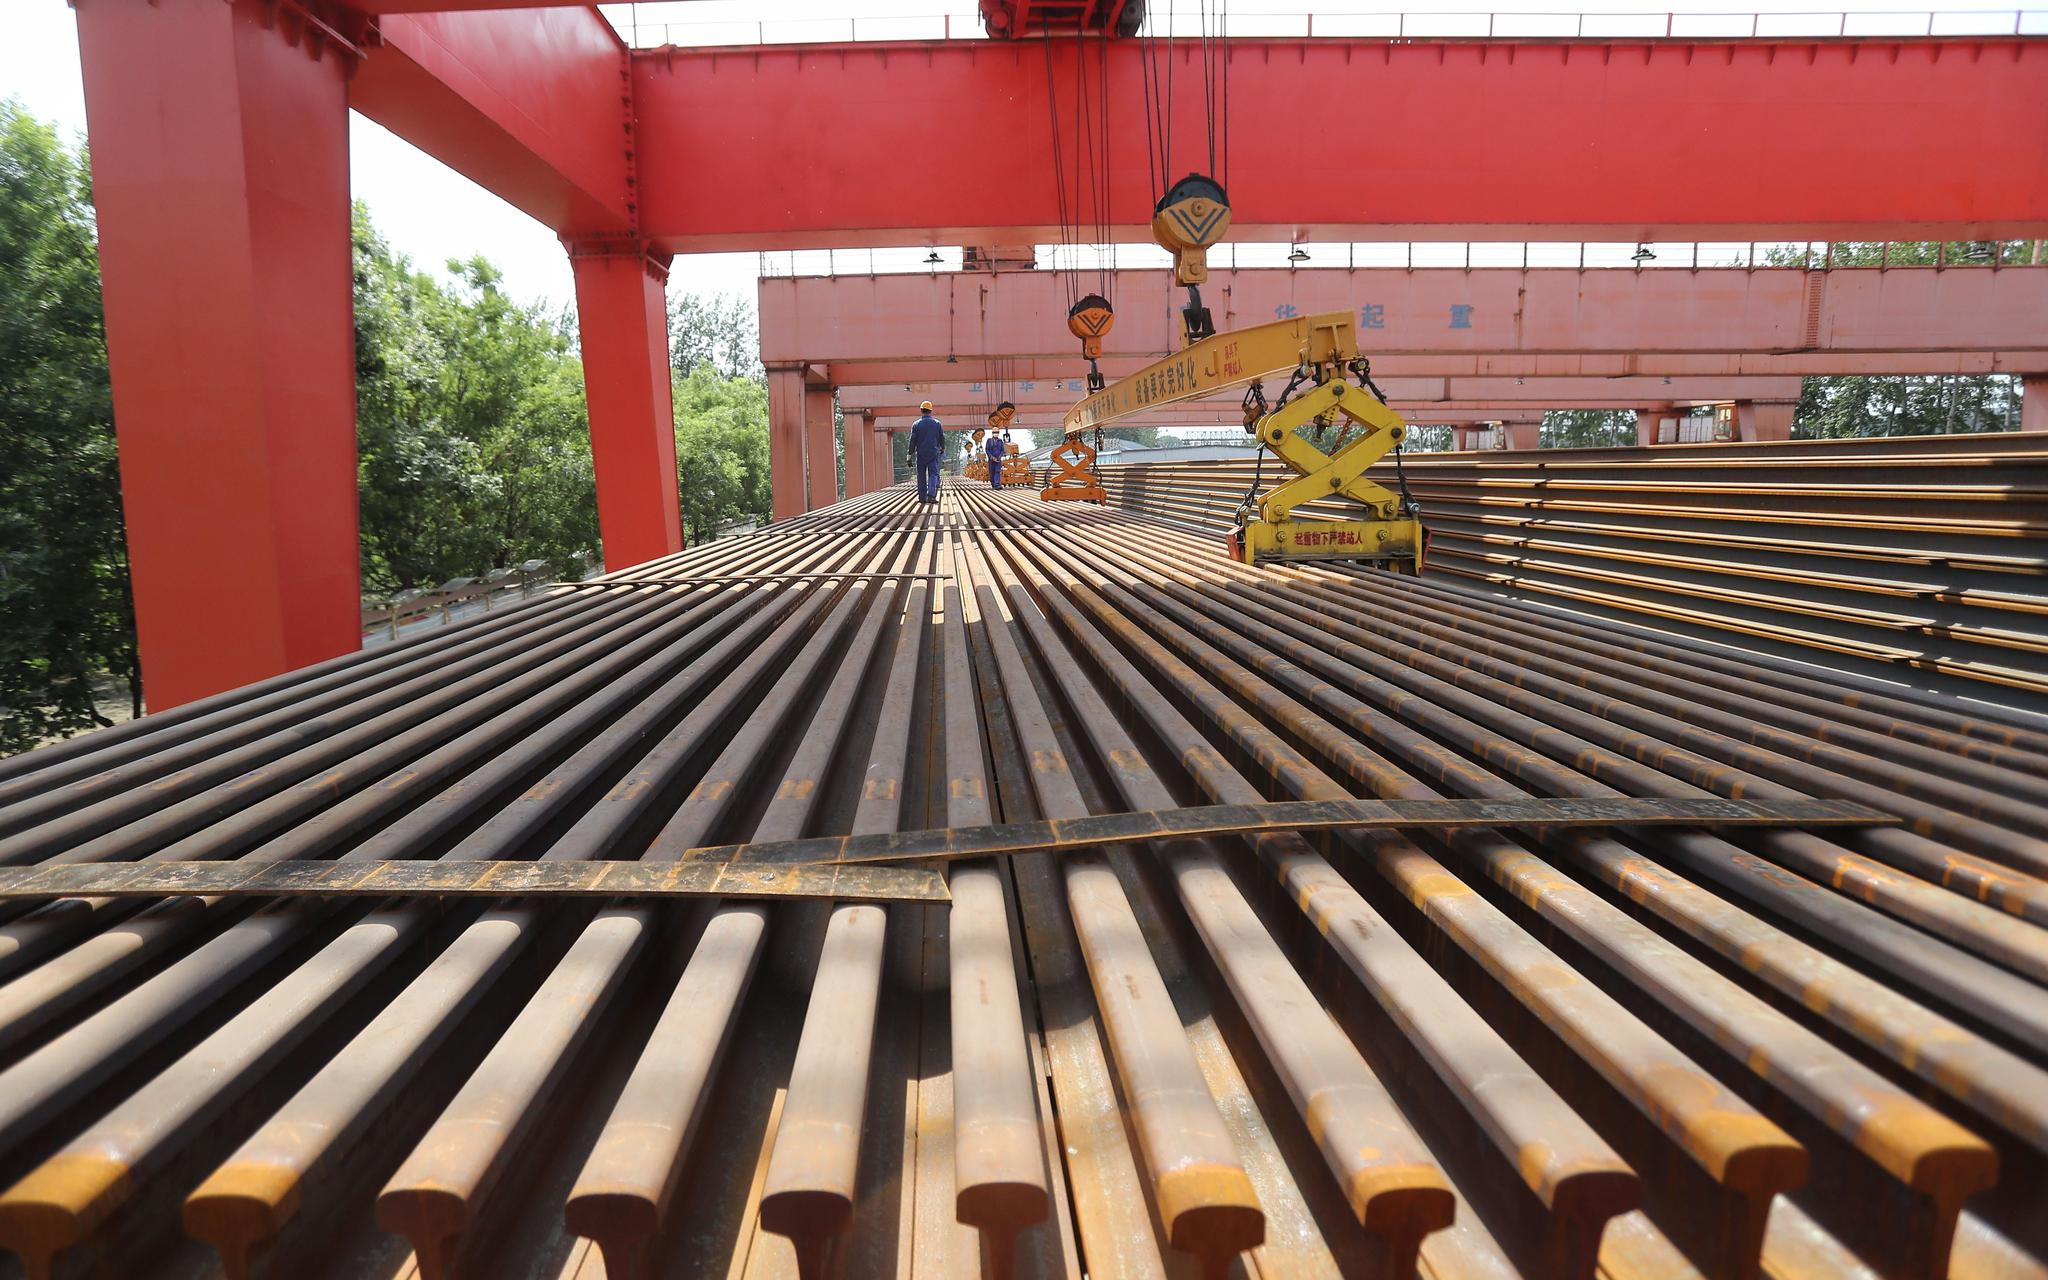 工人准备吊装钢轨。摄影/新京报记者 王贵彬